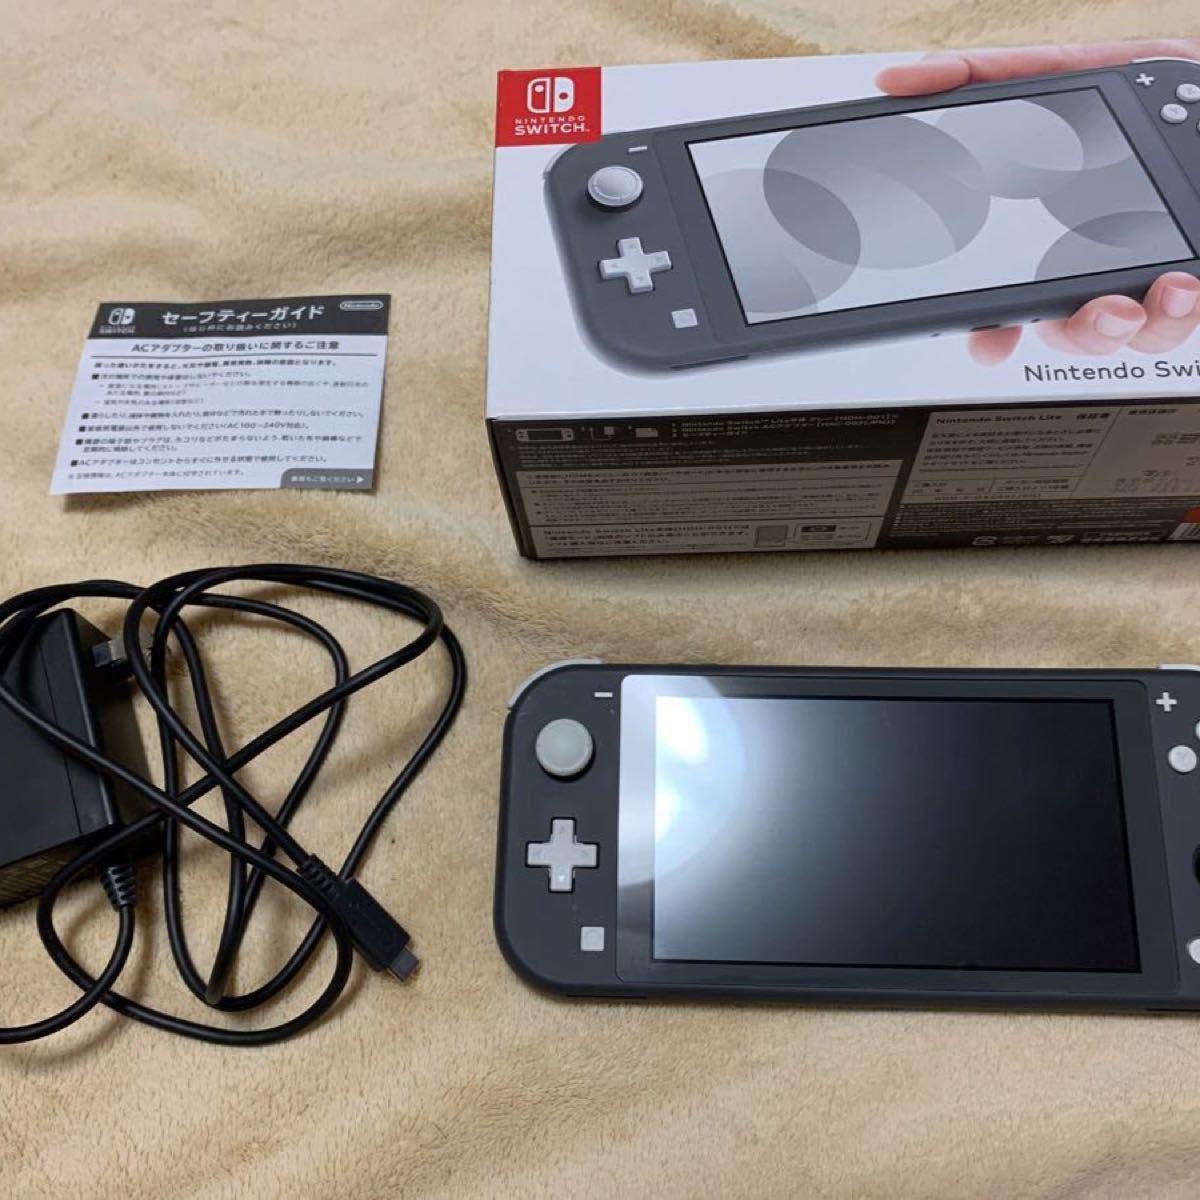 Nintendo Switch lite グレー セット オンライン可 大乱闘スマッシュブラザーズ スプラトゥーン2 準ジャンク